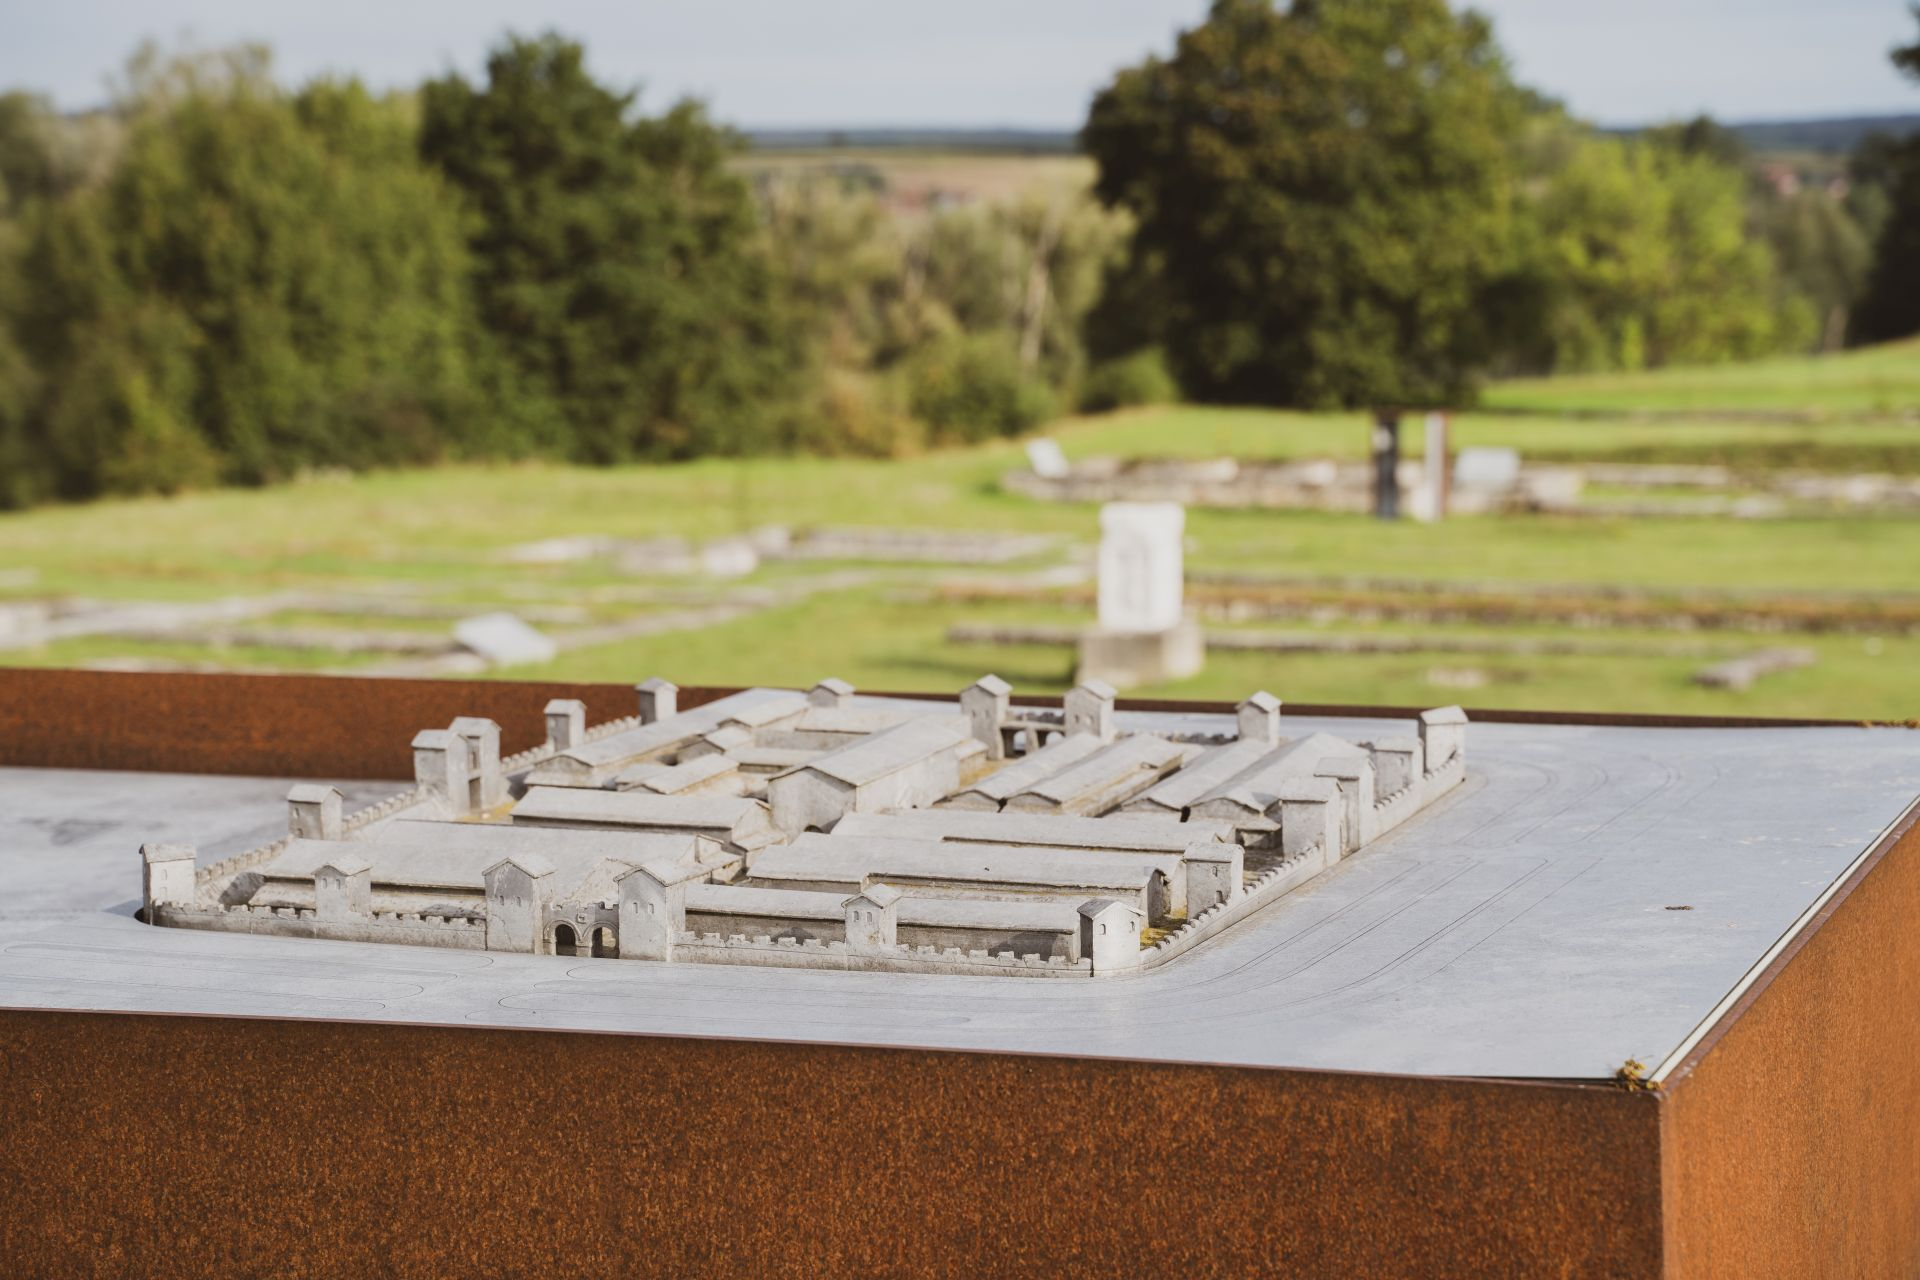 Modell des Kastells Abusina bei Eining